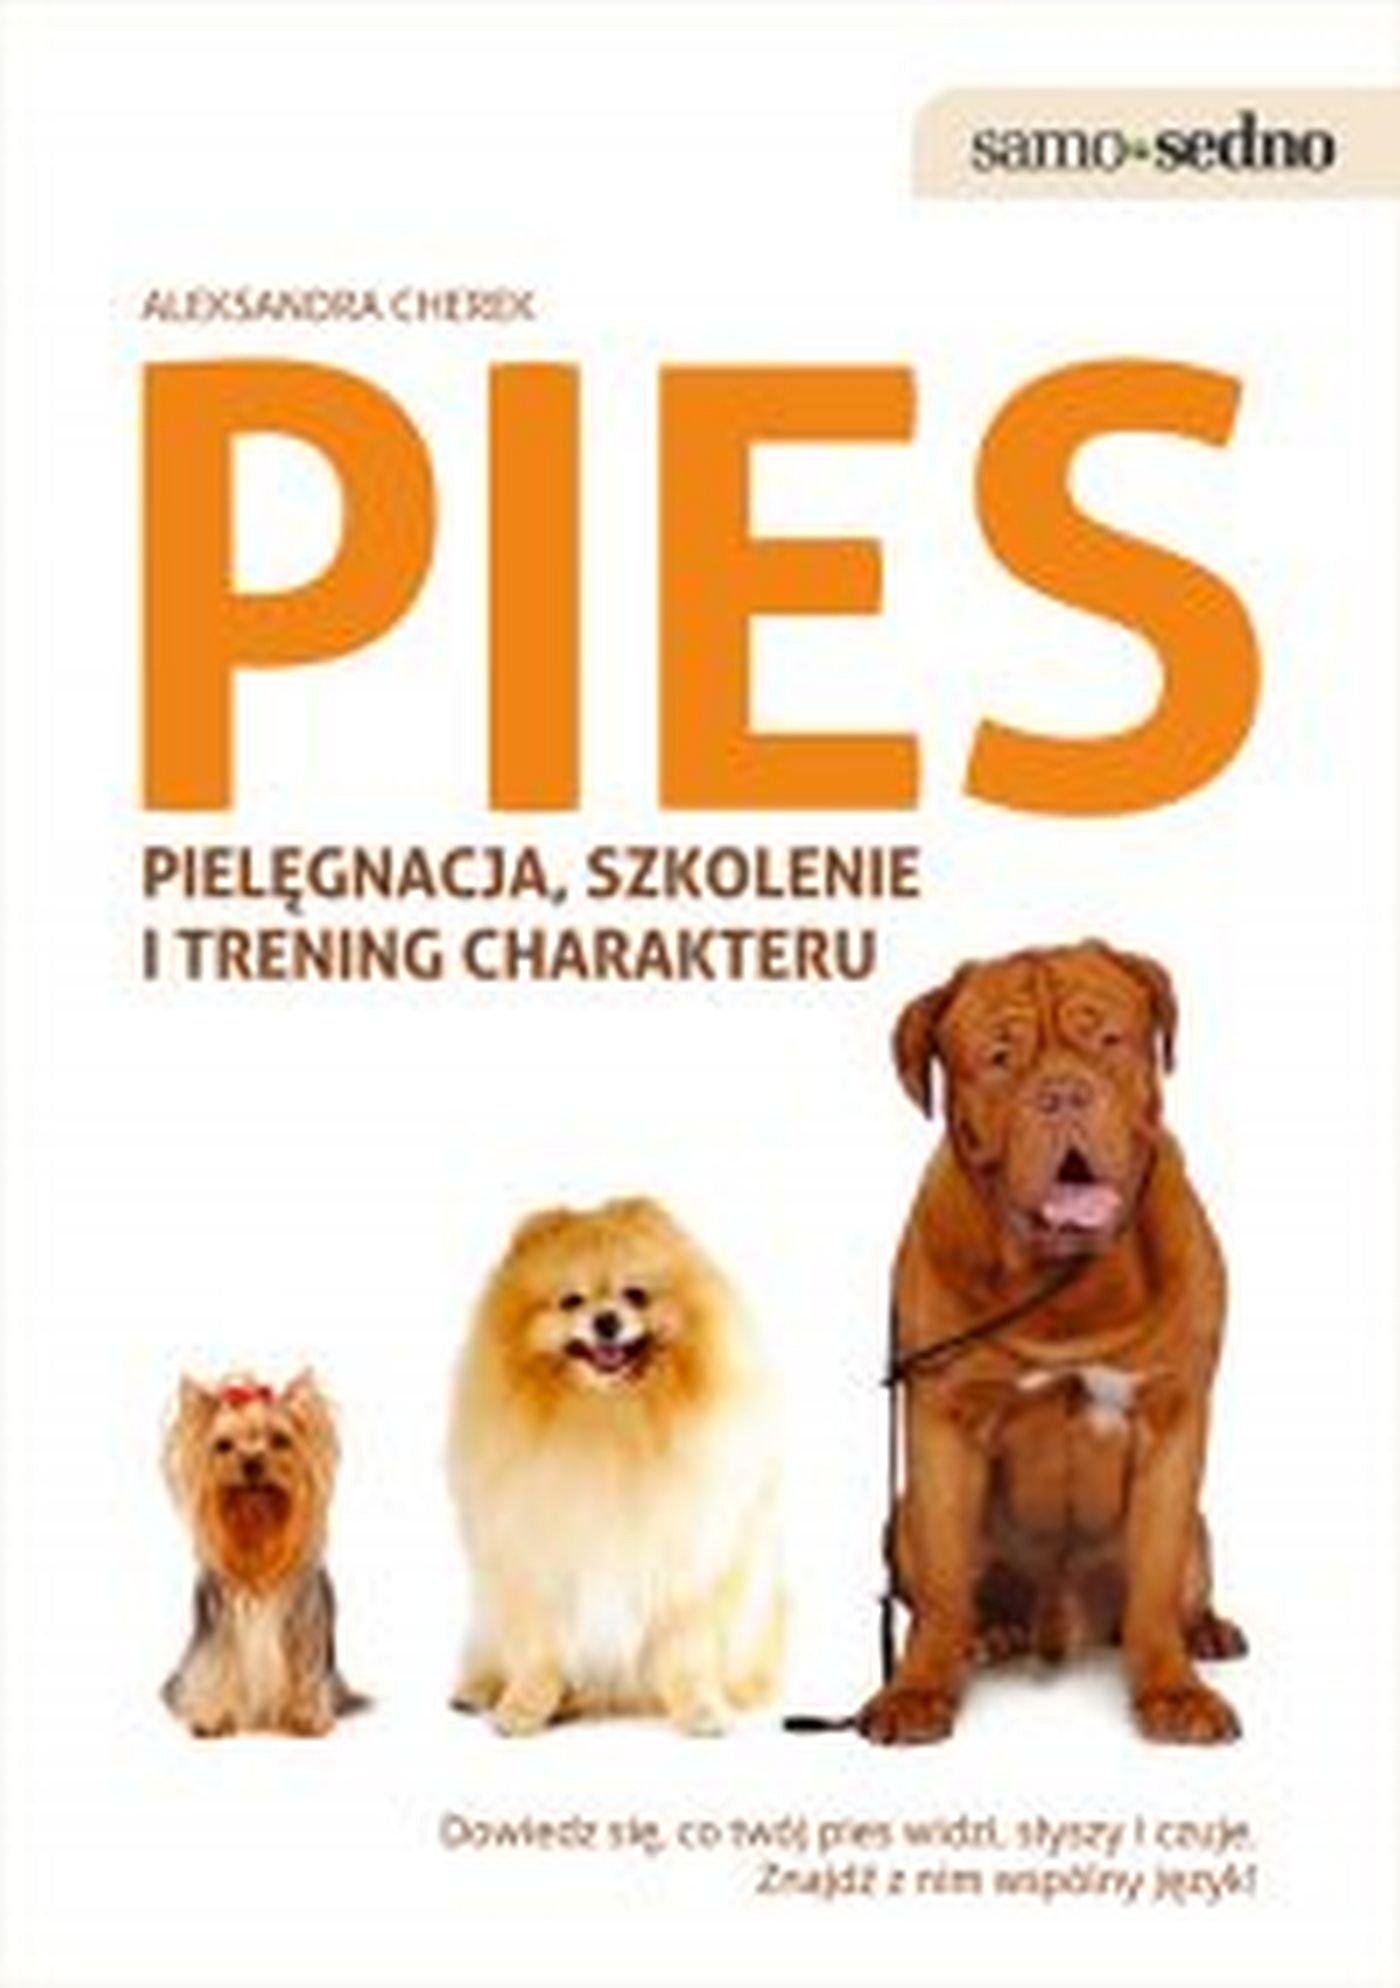 Pies pielęgnacja, szkolenie - Ebook (Książka EPUB) do pobrania w formacie EPUB